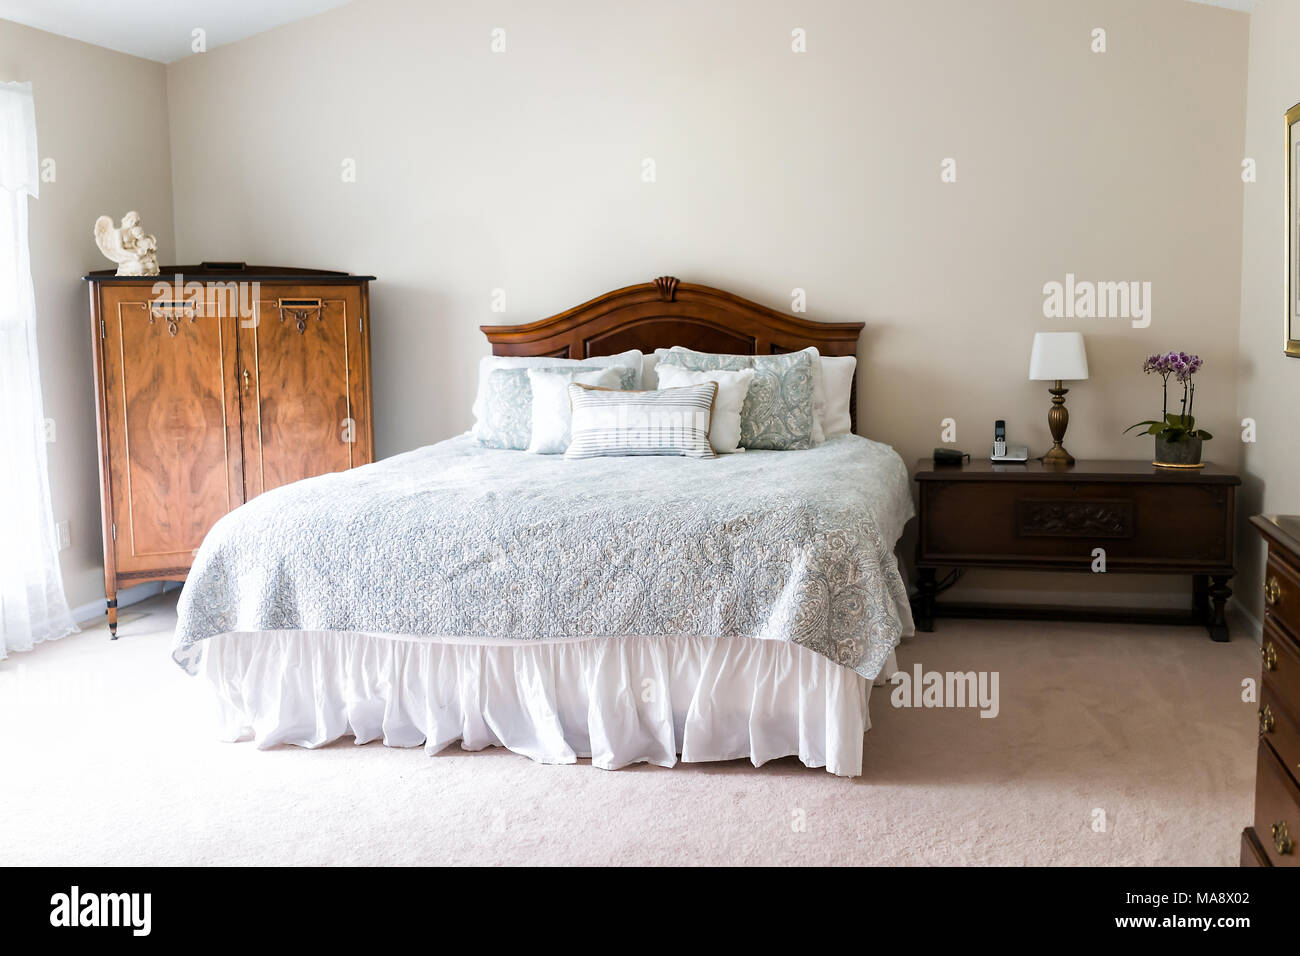 ce187f0d91 Vista dettagliata del nuovo letto con testiera, cuscini decorativi,  consolatore, in camera da letto nel modello di staging home, casa o  appartamento dalla ...